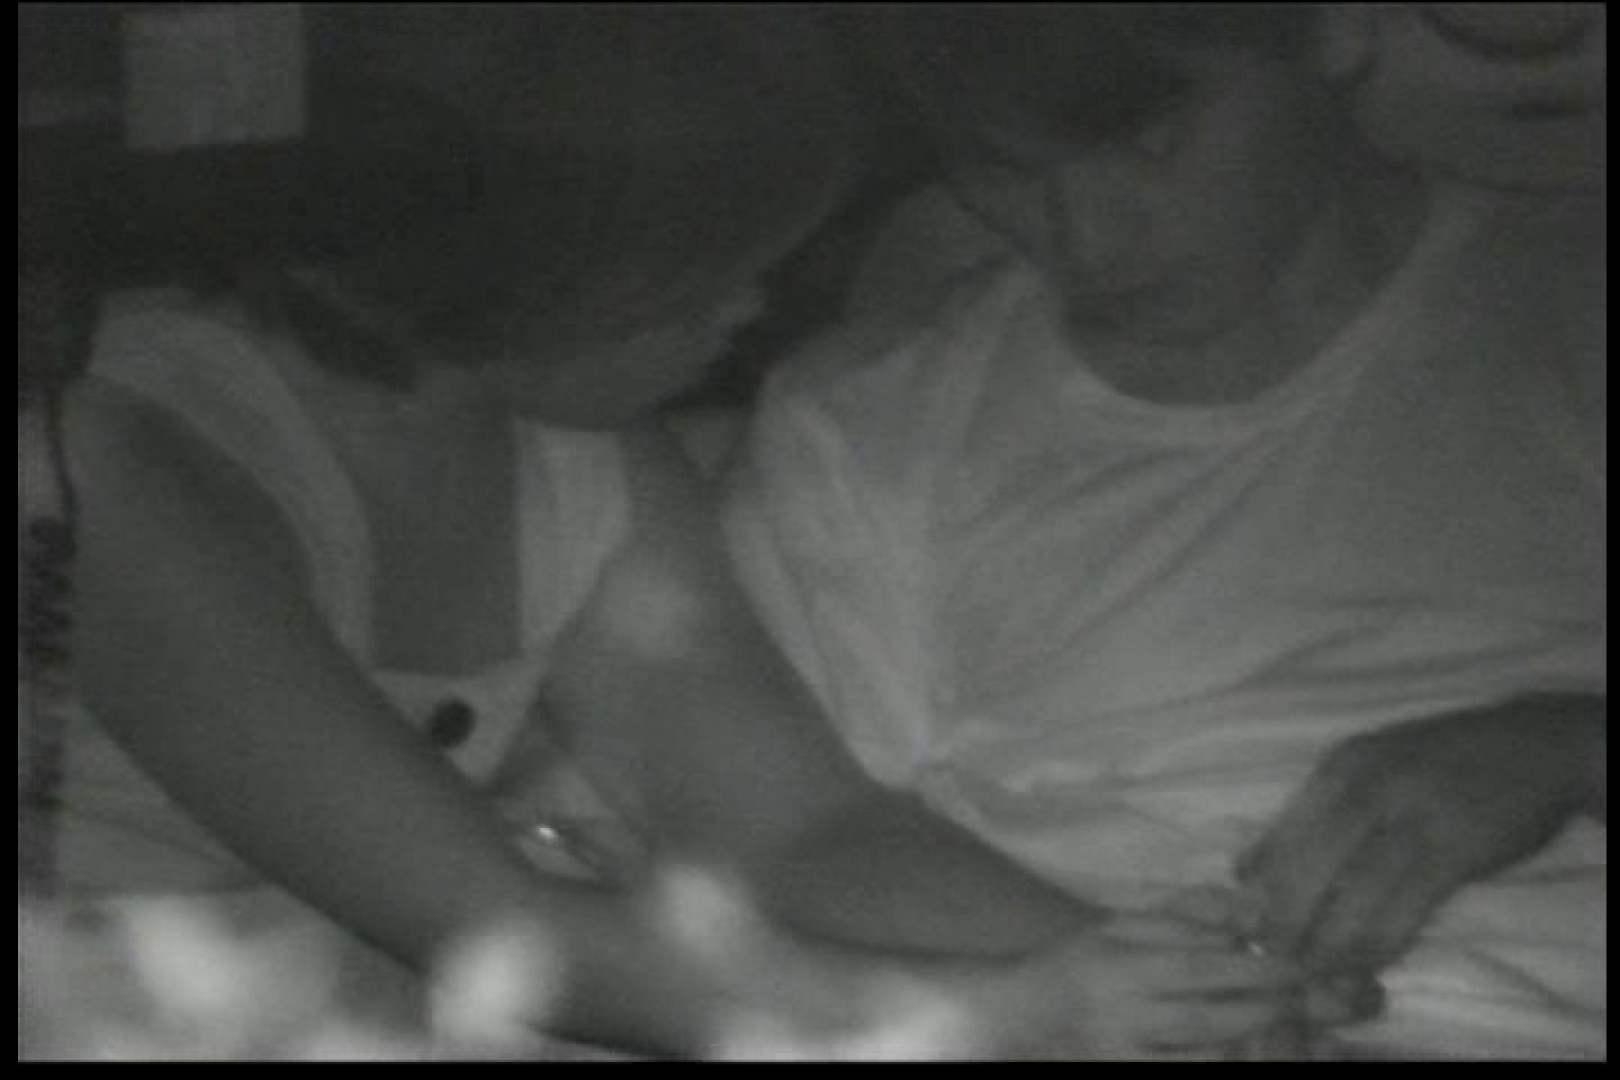 車の中はラブホテル 無修正版  Vol.12 エロティックなOL 盗み撮り動画 93画像 82